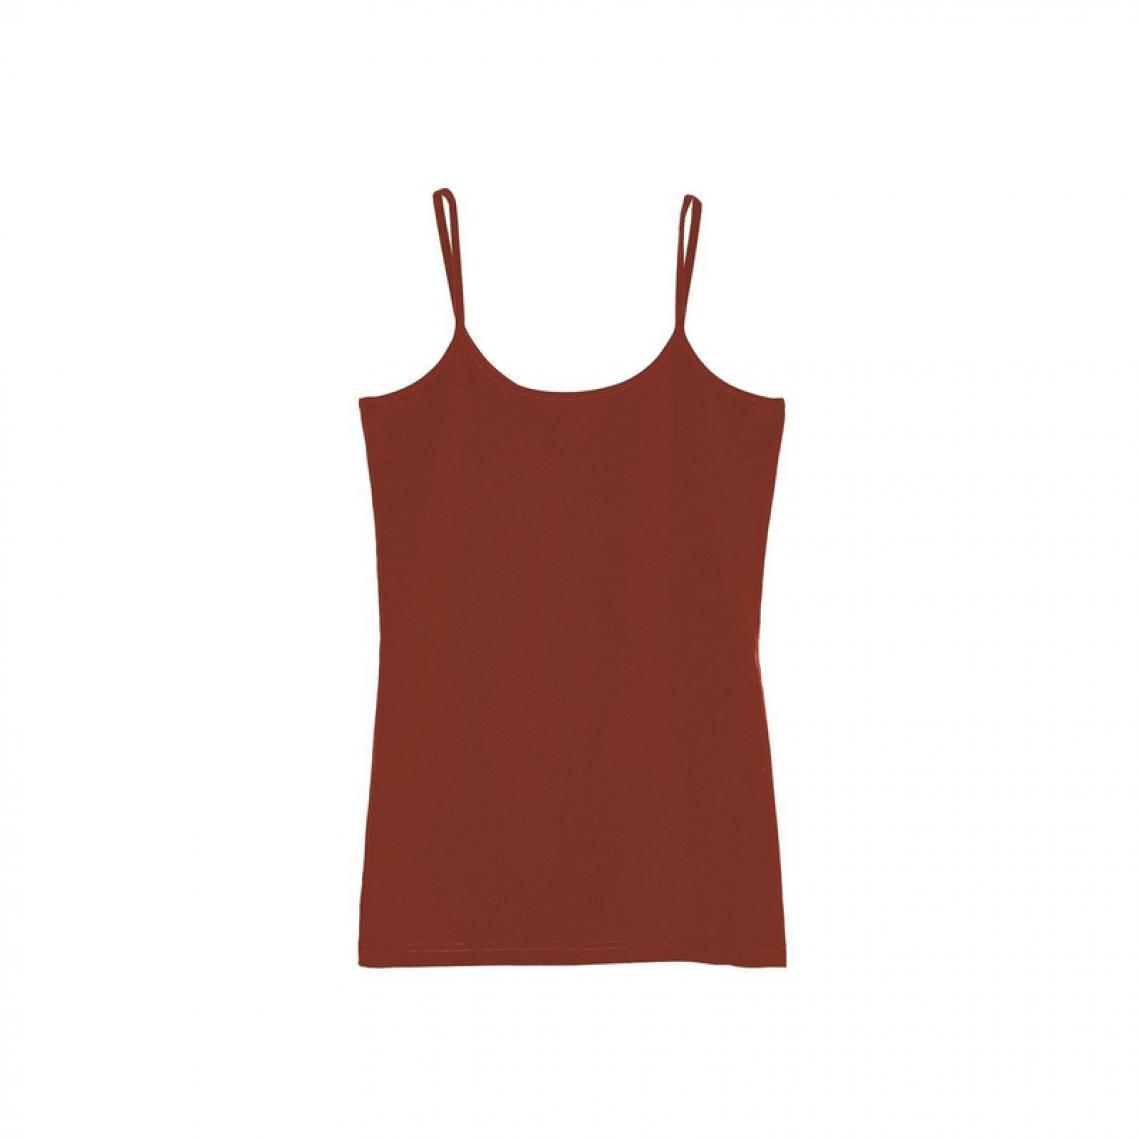 831a09f52134b Tee-shirt uni à bretelles maille élastique femme - Rouge | 3 SUISSES